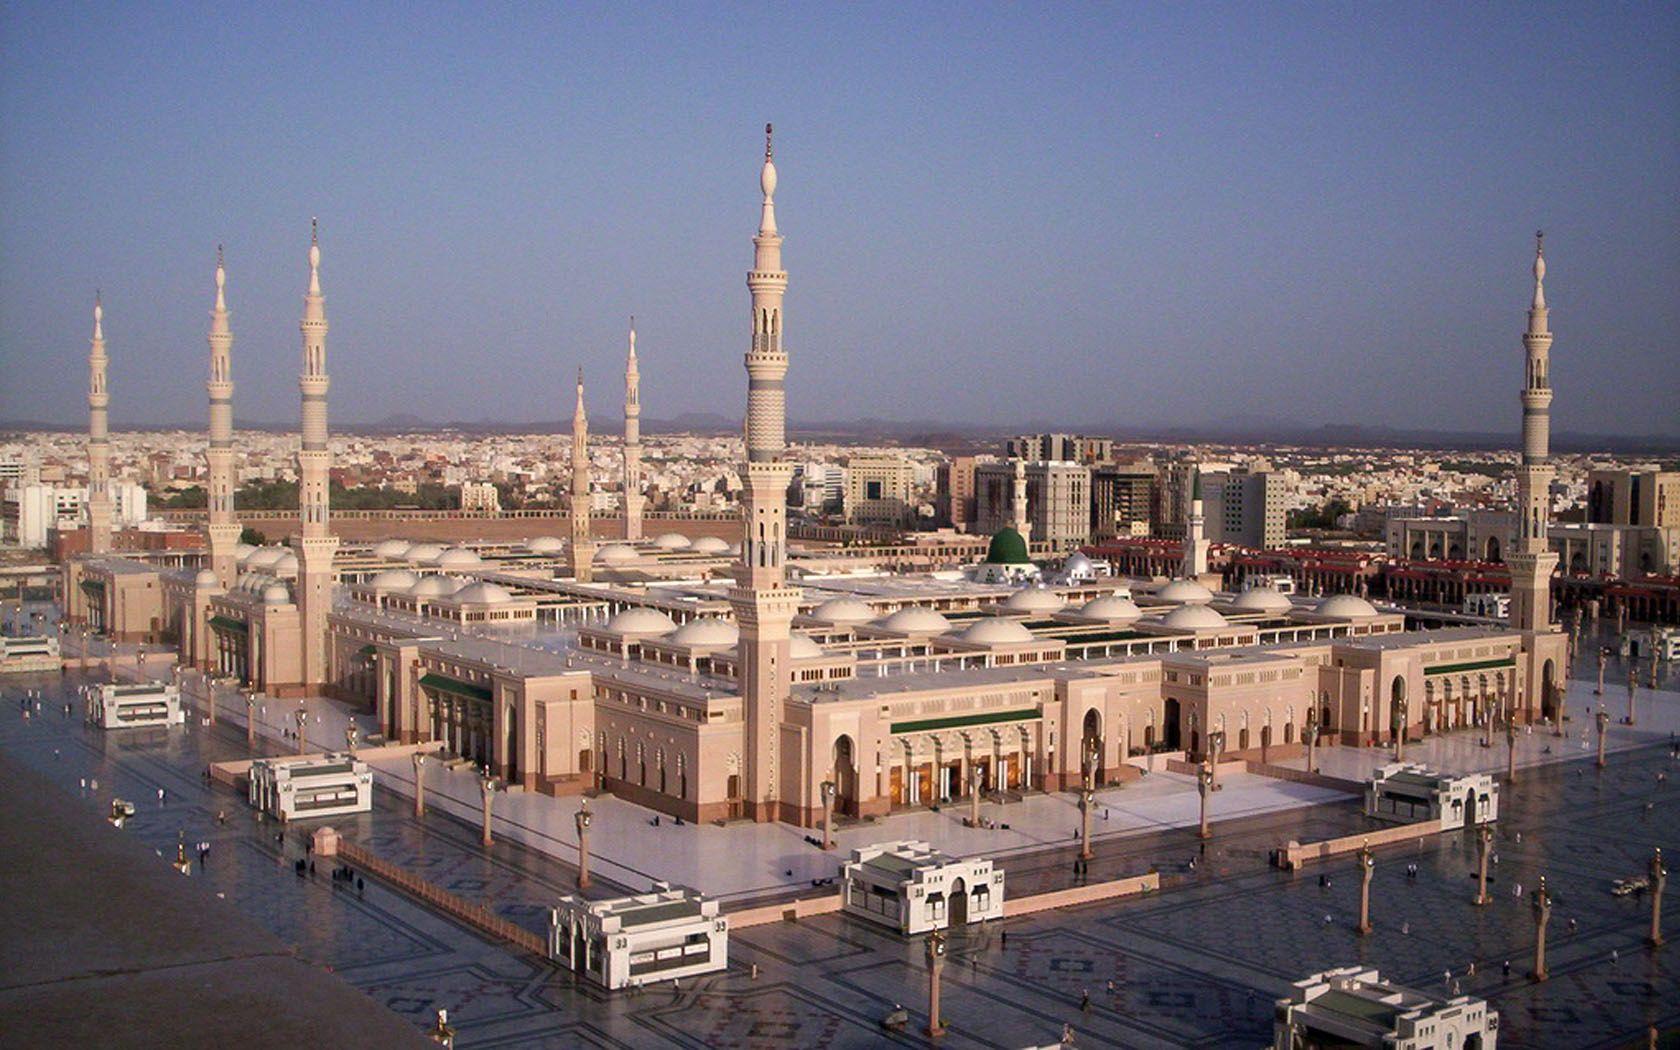 rijad saudijska arabija